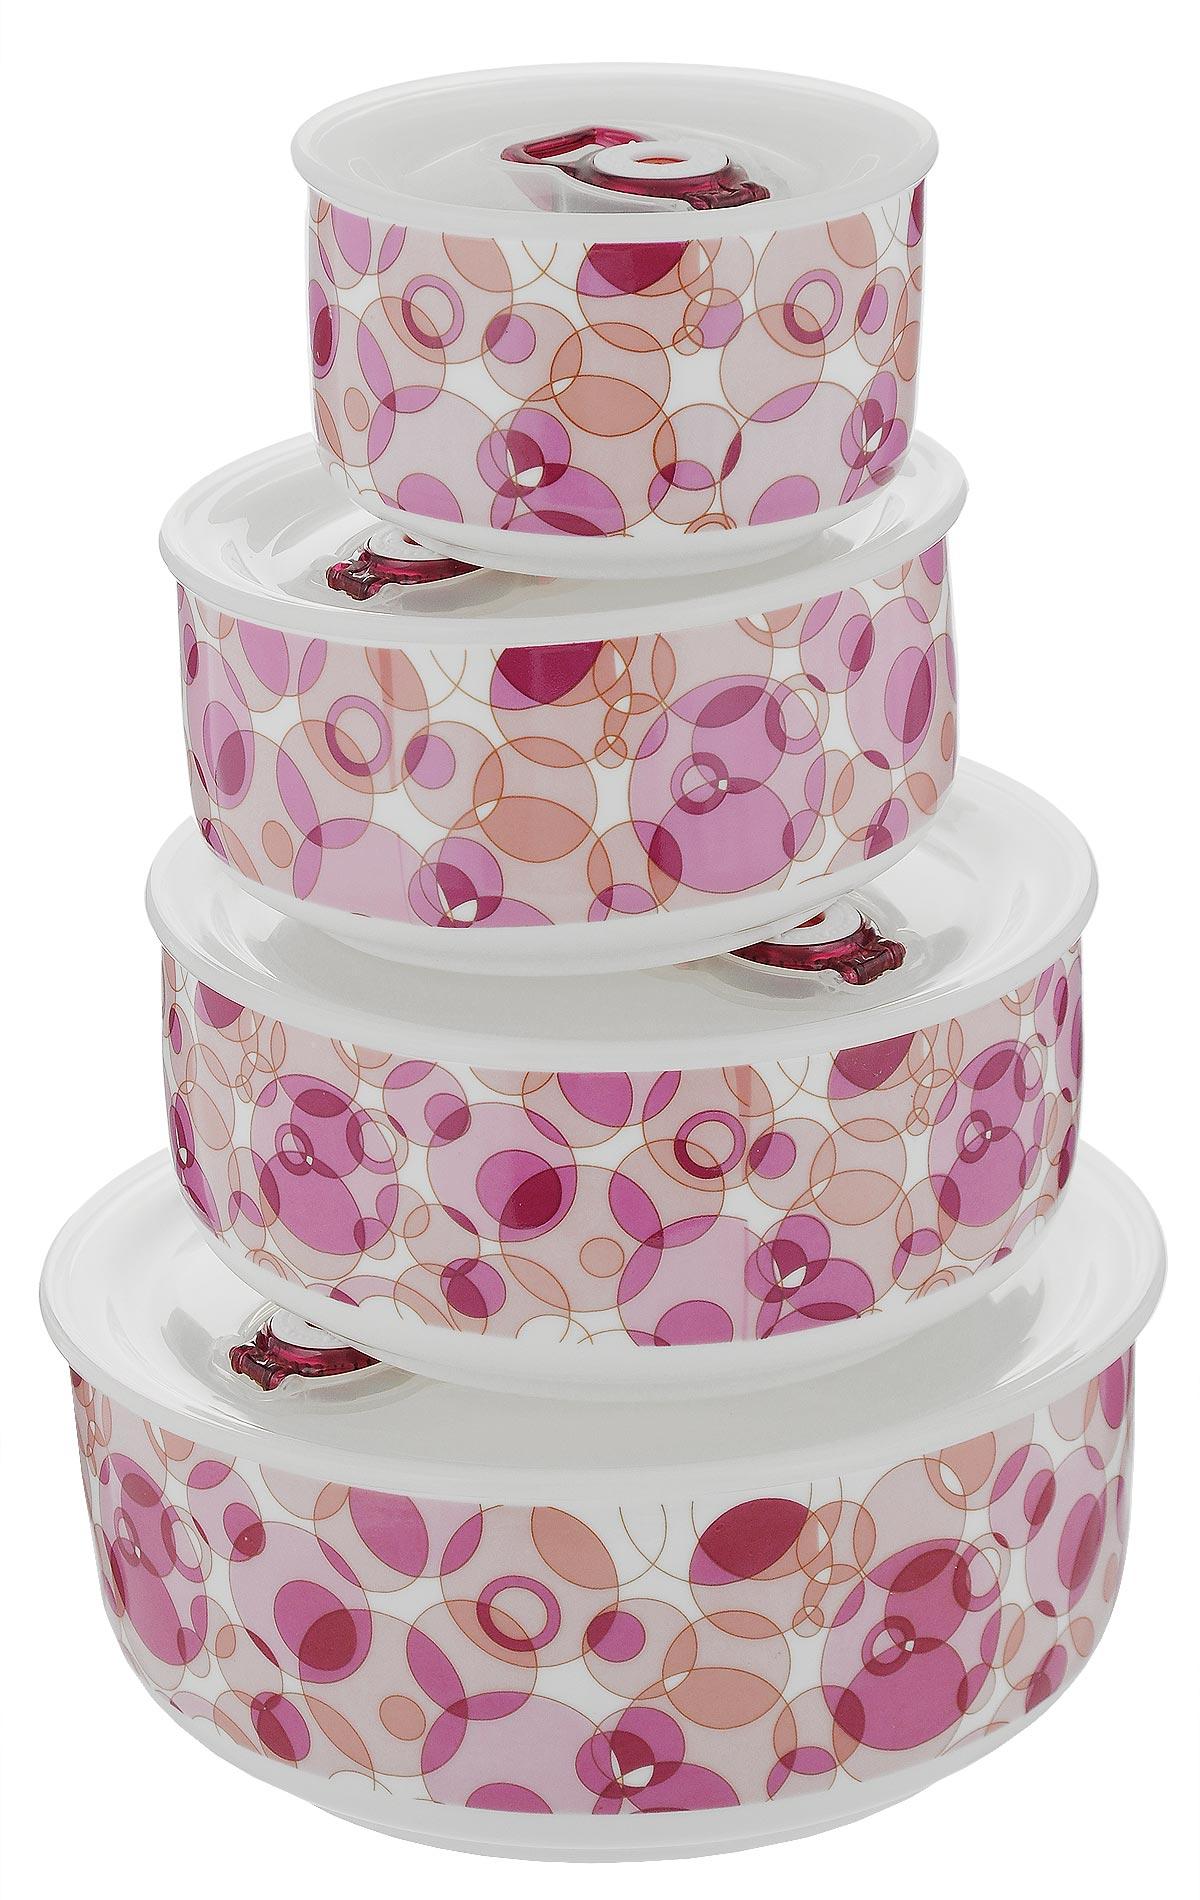 Набор контейнеров для хранения продуктов Darsto, цвет: белый, розовый, 4 шт. 5813A45813A4-RED BUBBLEНабор Darsto состоит из 4 контейнеров разного объема, выполненных из высококачественного фарфора. Контейнеры оснащены вакуумными крышками с силиконовыми вставками, которые плотно закрываются, тем самым дольше сохраняя пищу вкусной и свежей. Уникальная технология ClipFresh обеспечивает 100% герметичность и исключает вытекание жидкости. Эстетичность и необыкновенная функциональность набора Darsto позволит ему стать достойным дополнением к вашему кухонному инвентарю. Внутренняя часть коробки украшена желтым атласом, и каждый предмет надежно закреплен. Подходят для использования в микроволновой печи и в посудомоечной машине. Объем контейнеров: 310 мл; 540 мл; 800 мл; 1,5 л. Диаметр контейнеров (по верхнему краю): 10 см; 12,5 см; 15 см; 18 см. Высота контейнеров: 6,5 см; 6,5 см: 6,5 см; 7,5 см.